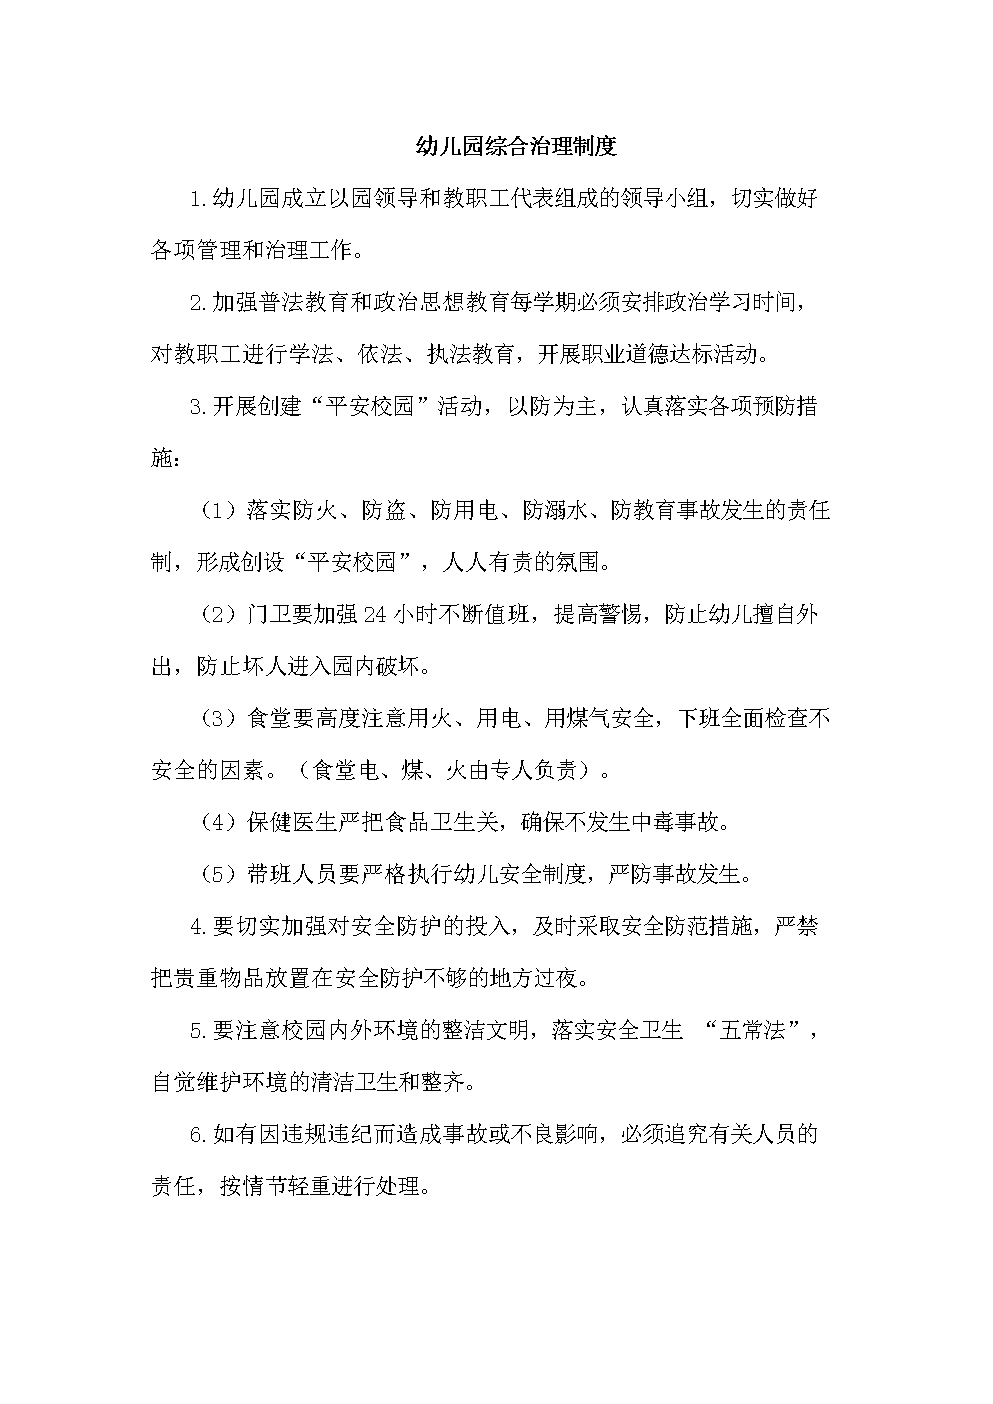 幼儿园综合治理制度.docx